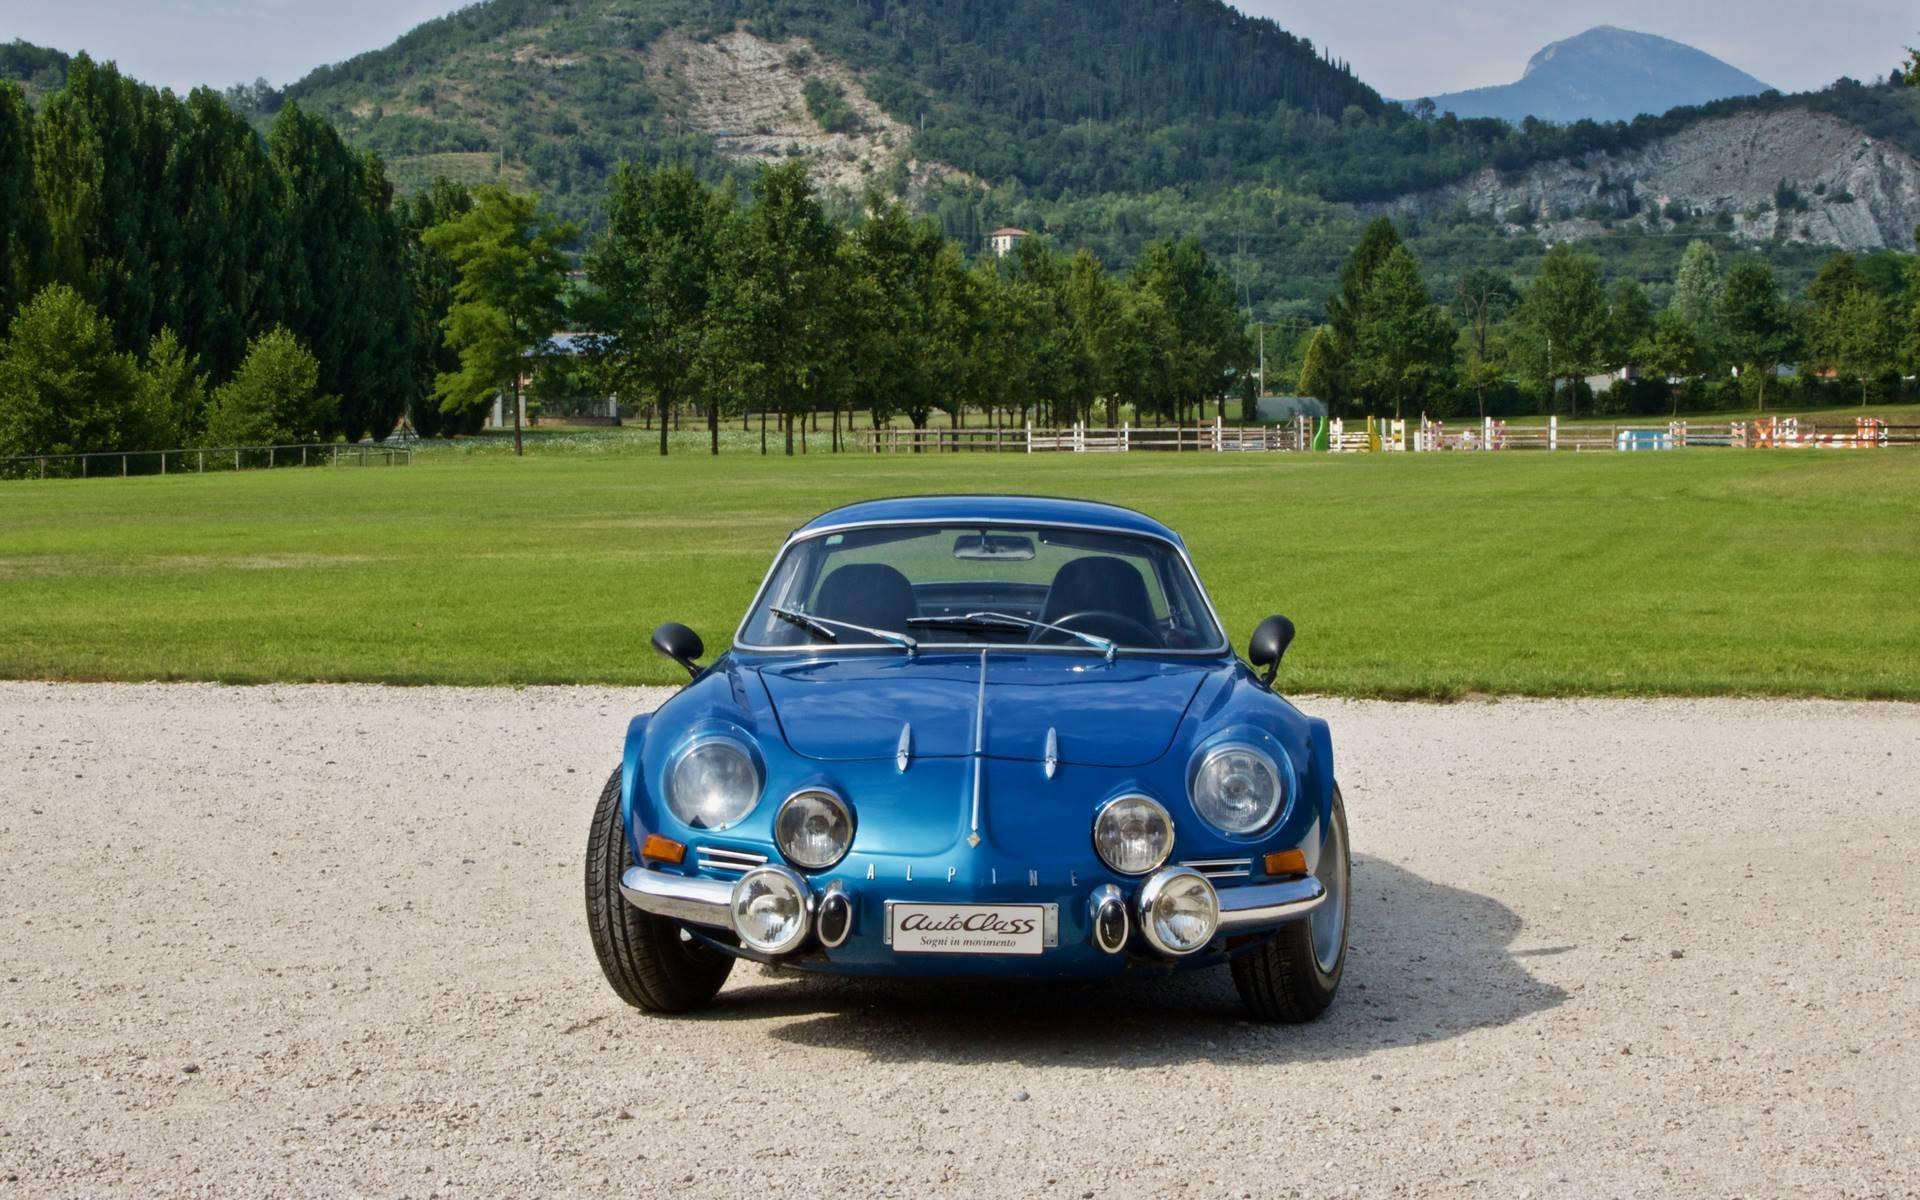 Alpine A110 1300 G 1969 braveragazze-pinterst